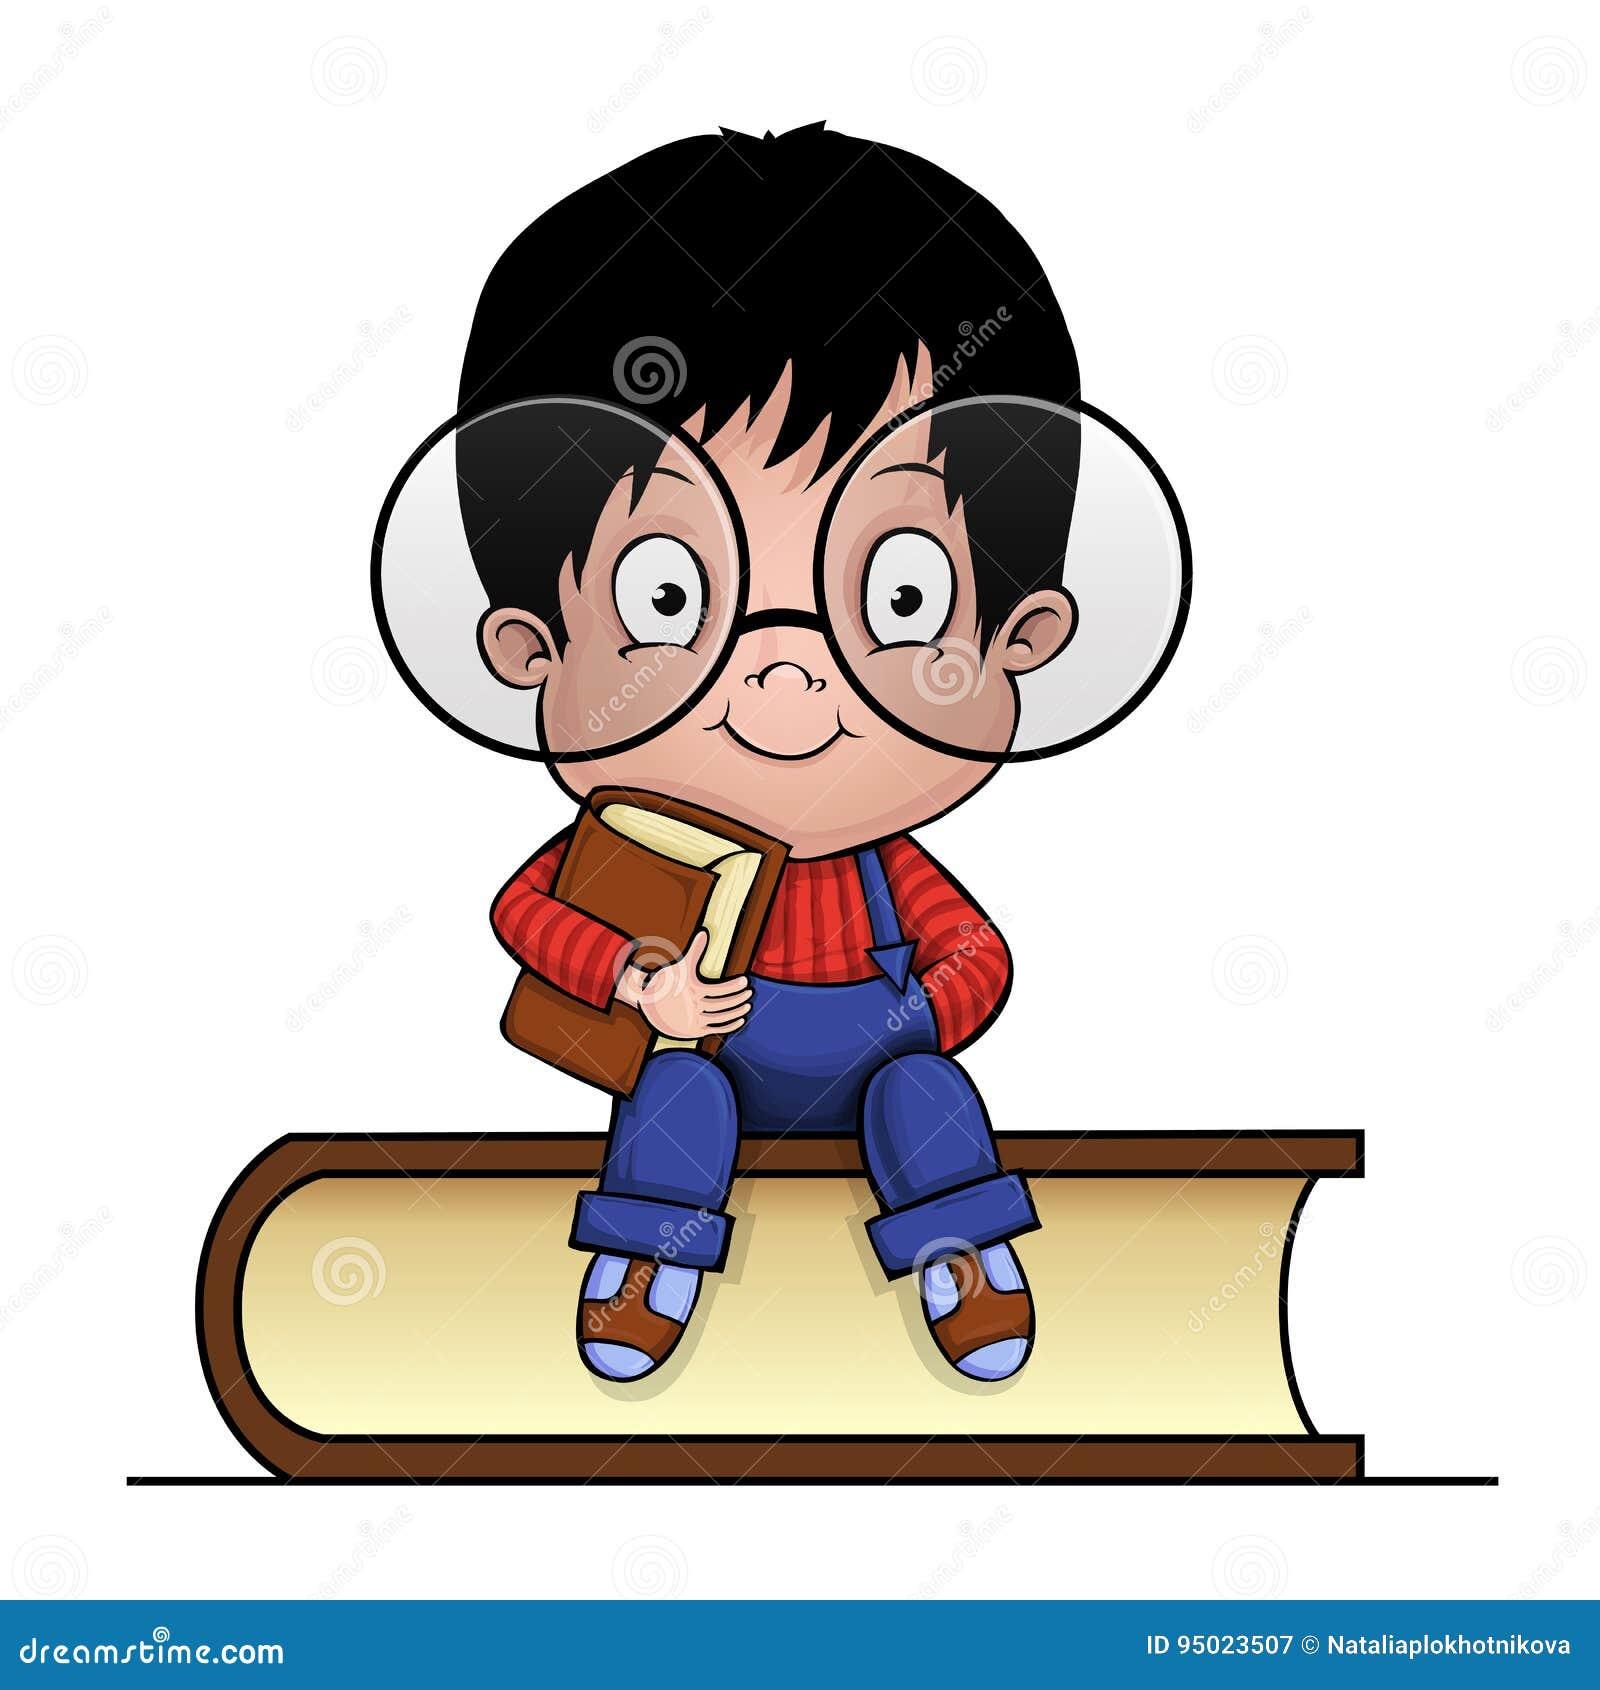 Cartoon Smart - Dmr Downloads - Seu Portal  Serbianbloggersinfo-8307